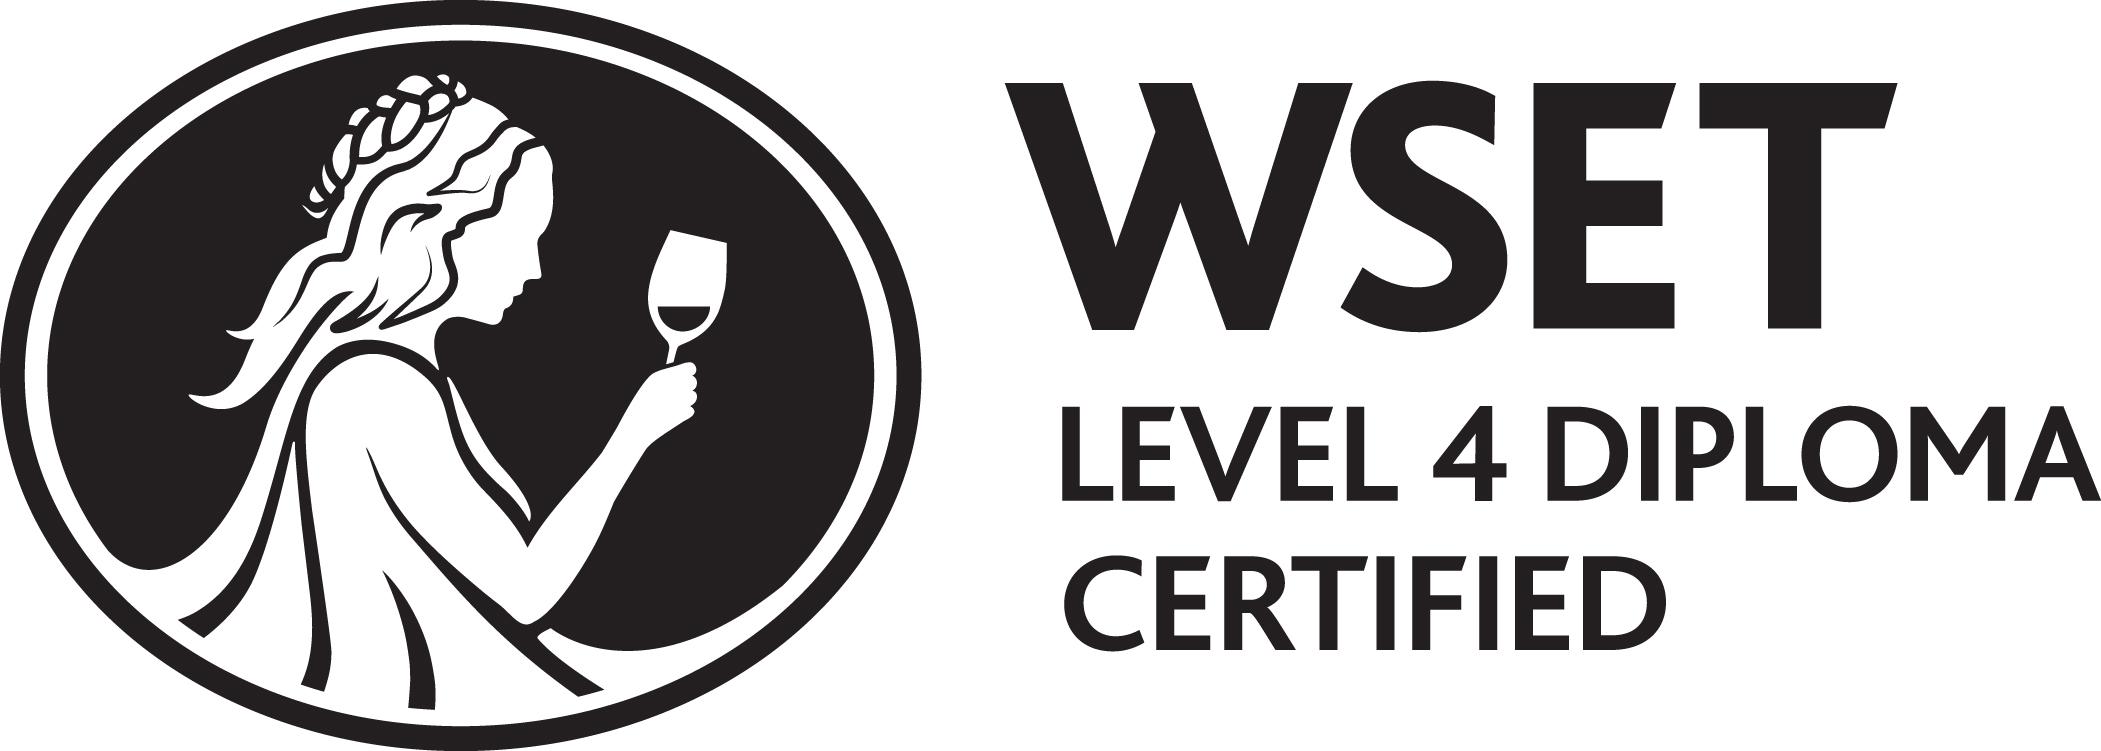 WSET_Level 4_Diploma_BLACK.jpg